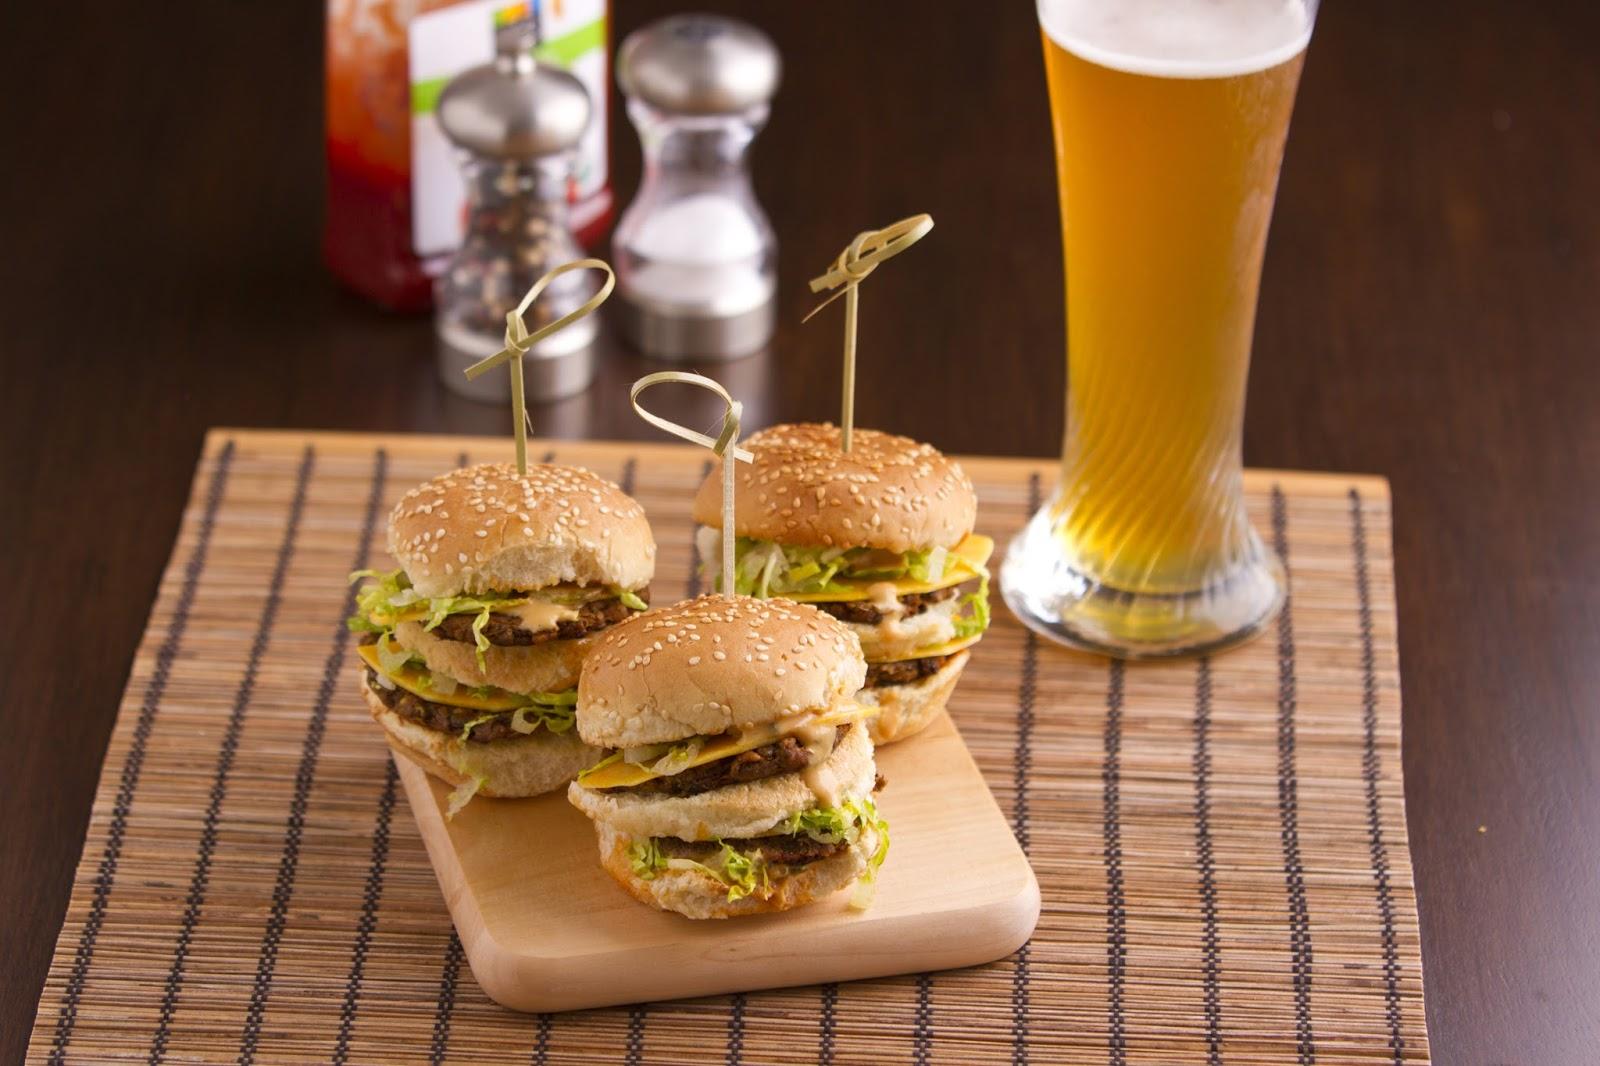 Happy hour casalinghi-ricette facili ed economiche